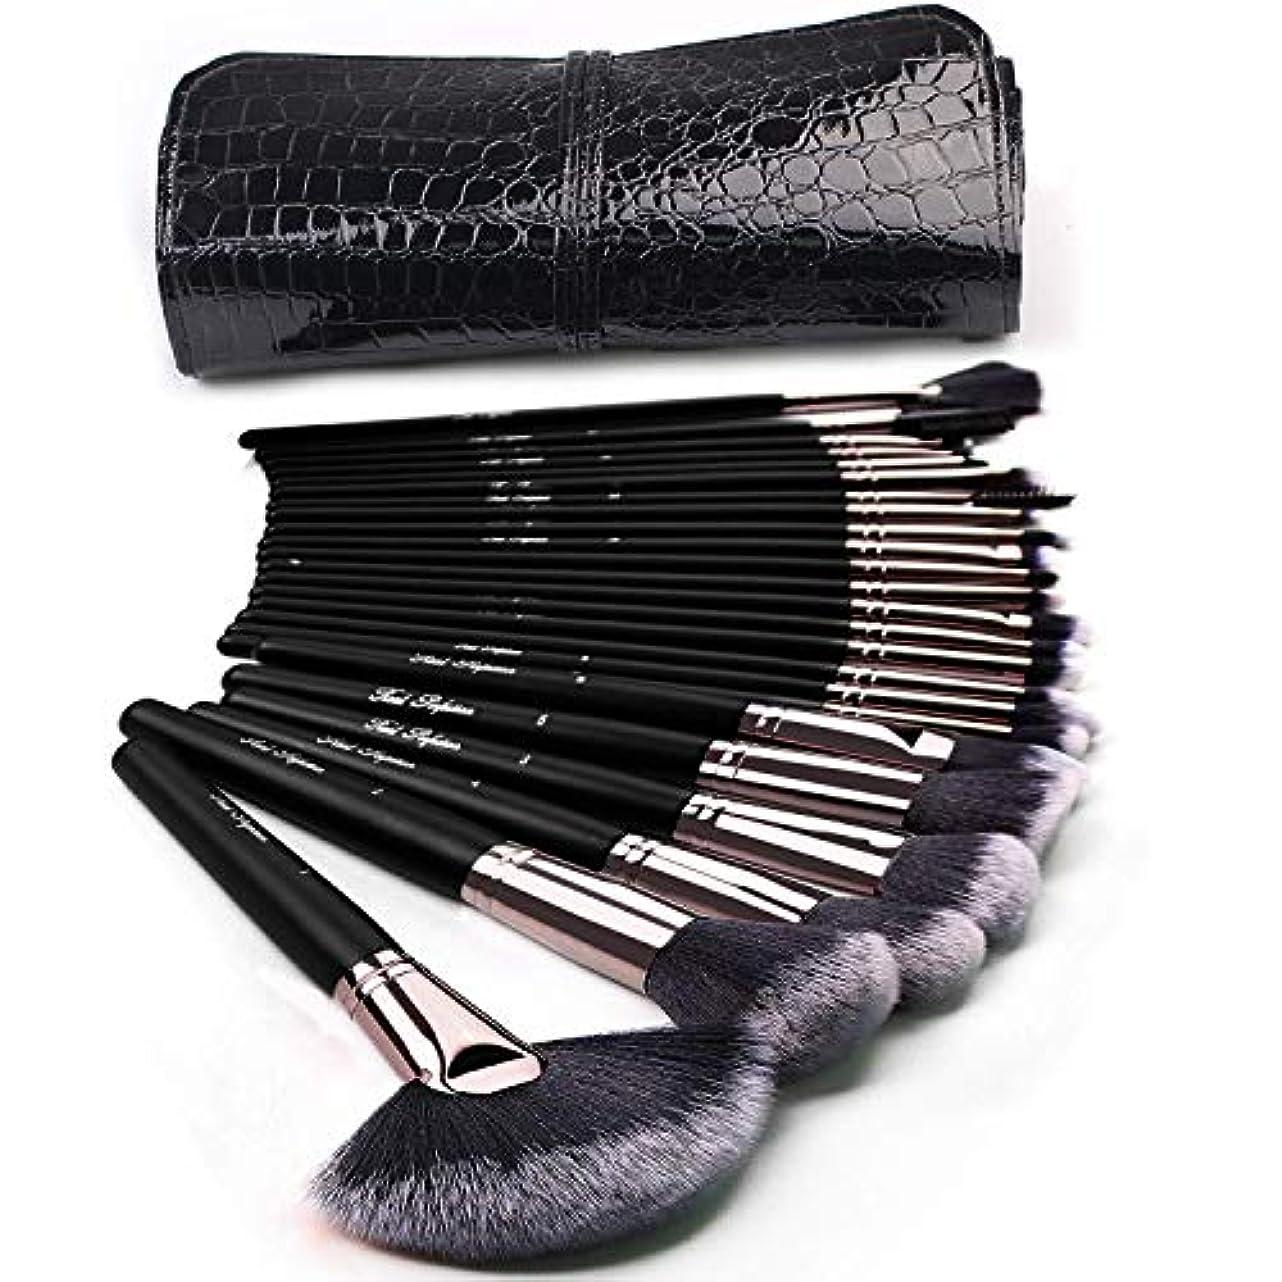 ホイップ外側動脈メイクブラシセット コスメブラシ 化粧筆 基本メイクアップ道具 化粧ポーチ付け 24本セット